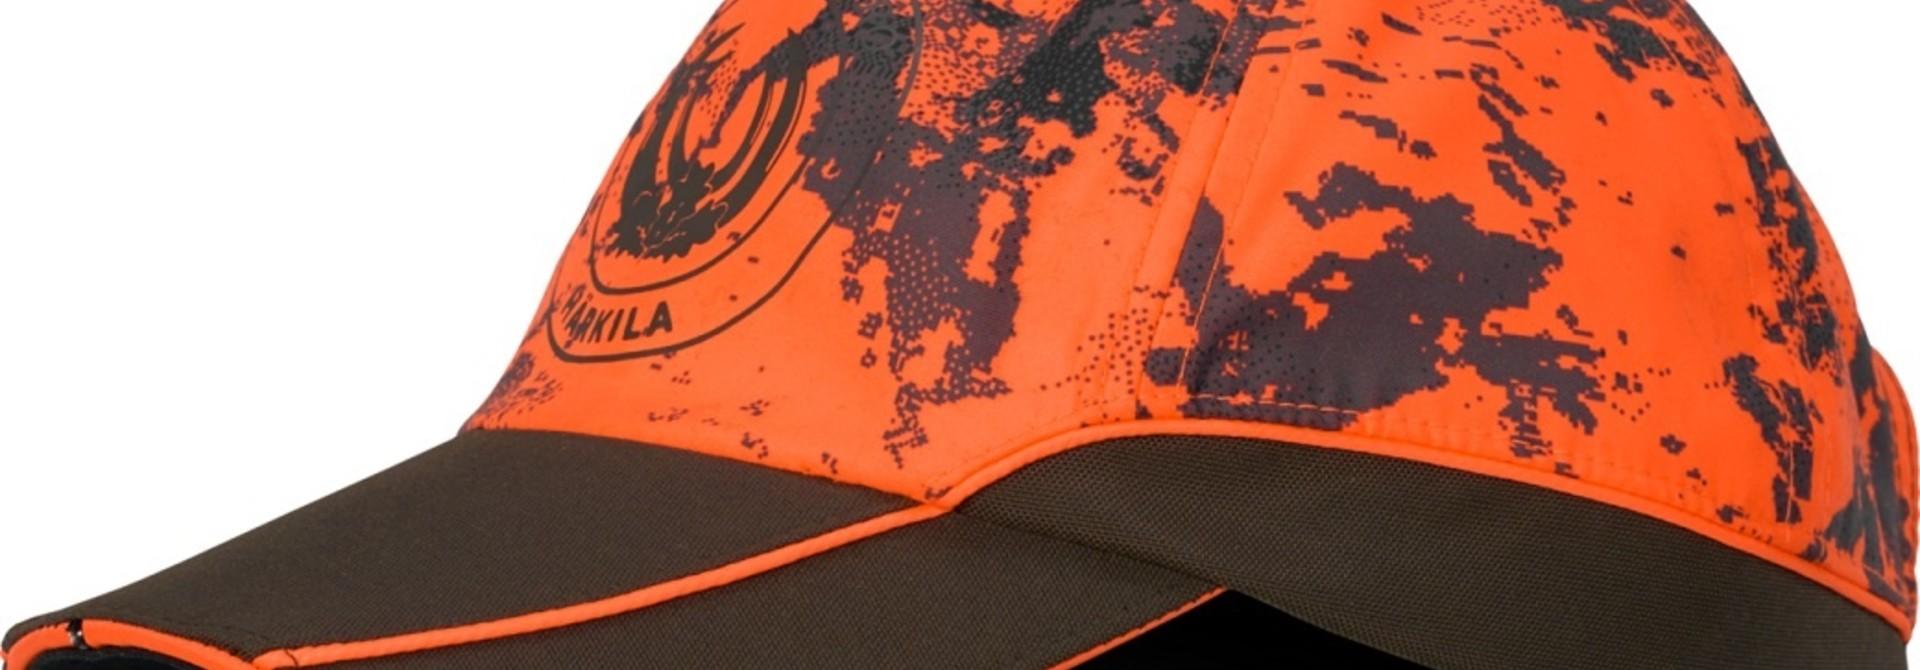 Härkila Wildboar Pro Light cap AXIS MSP® Orange Blaze Shadow Brown